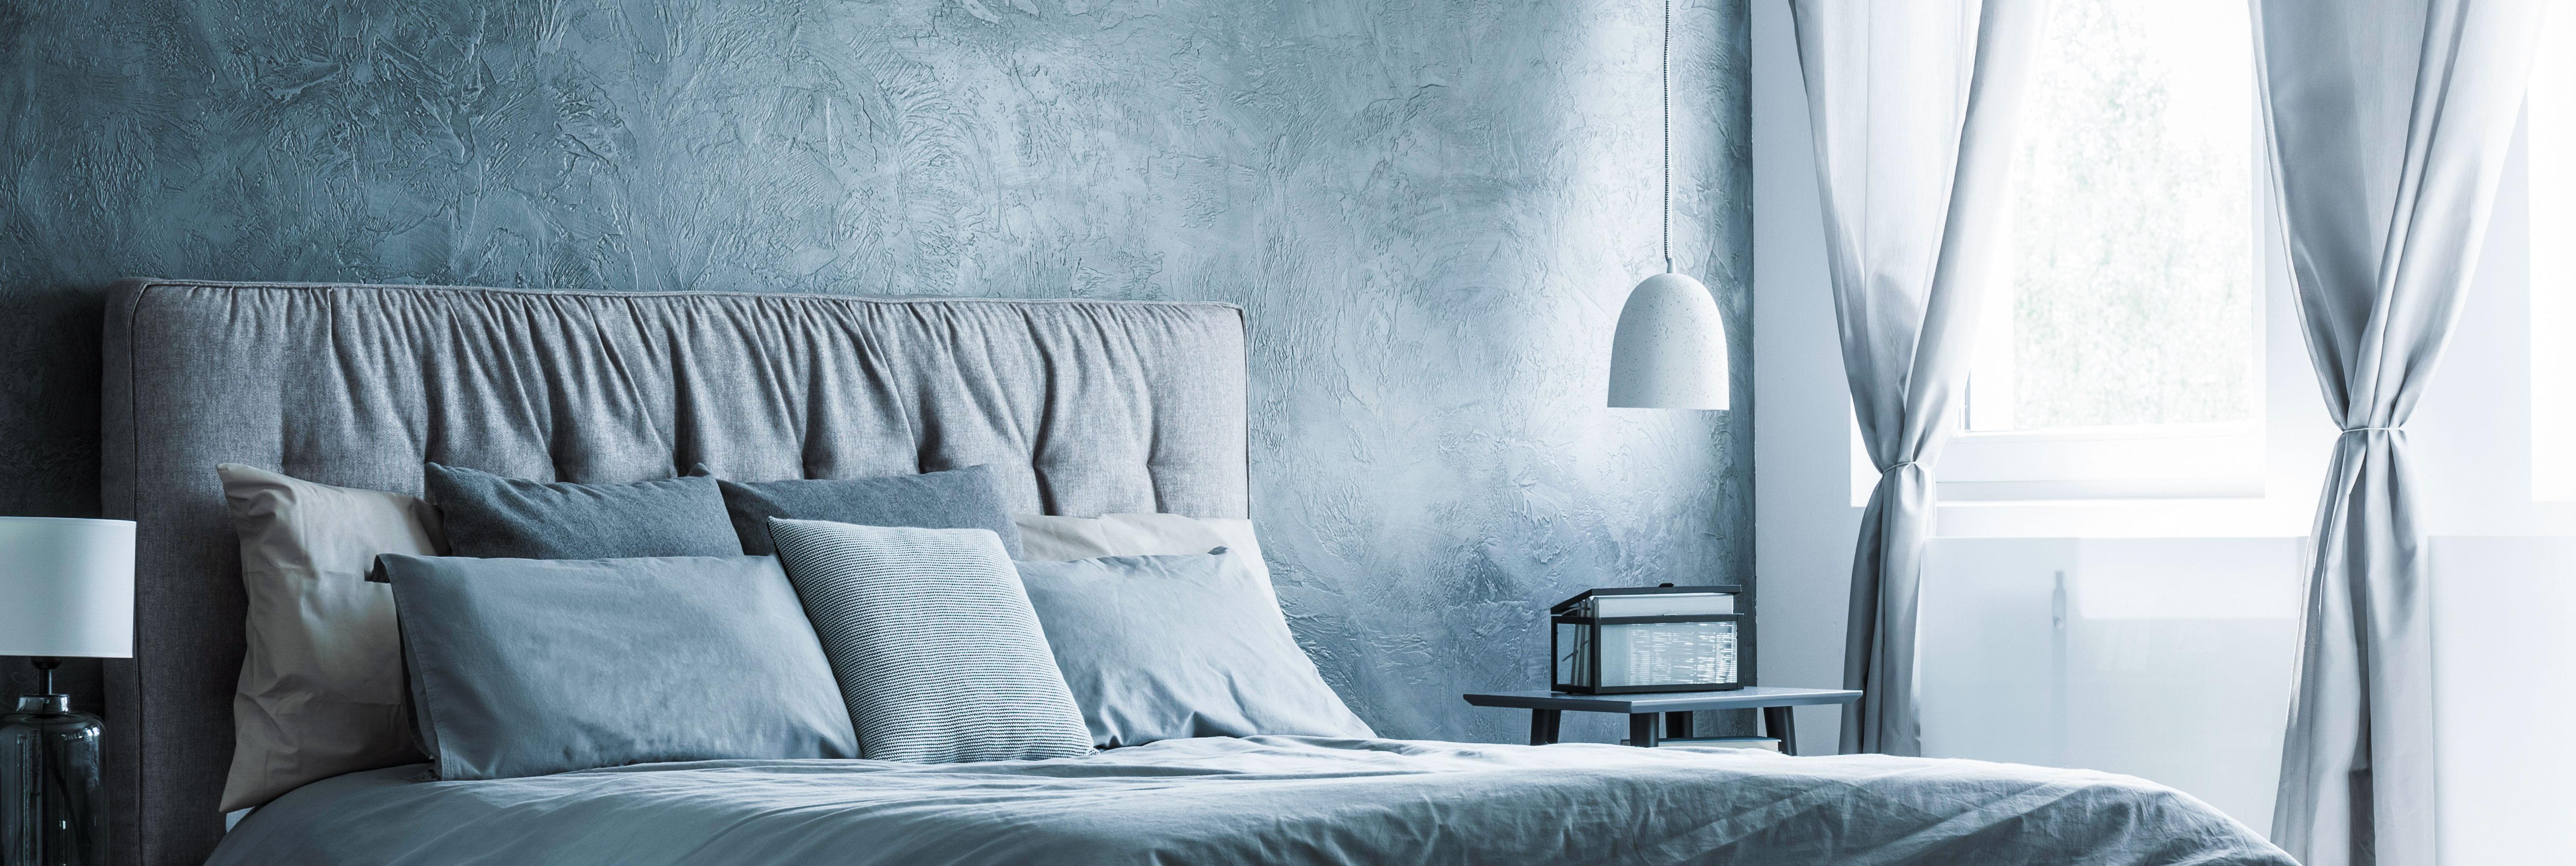 daf7641d63 寝室 カーテン でこんなに変わる!色選びから風水まで | お布団工房